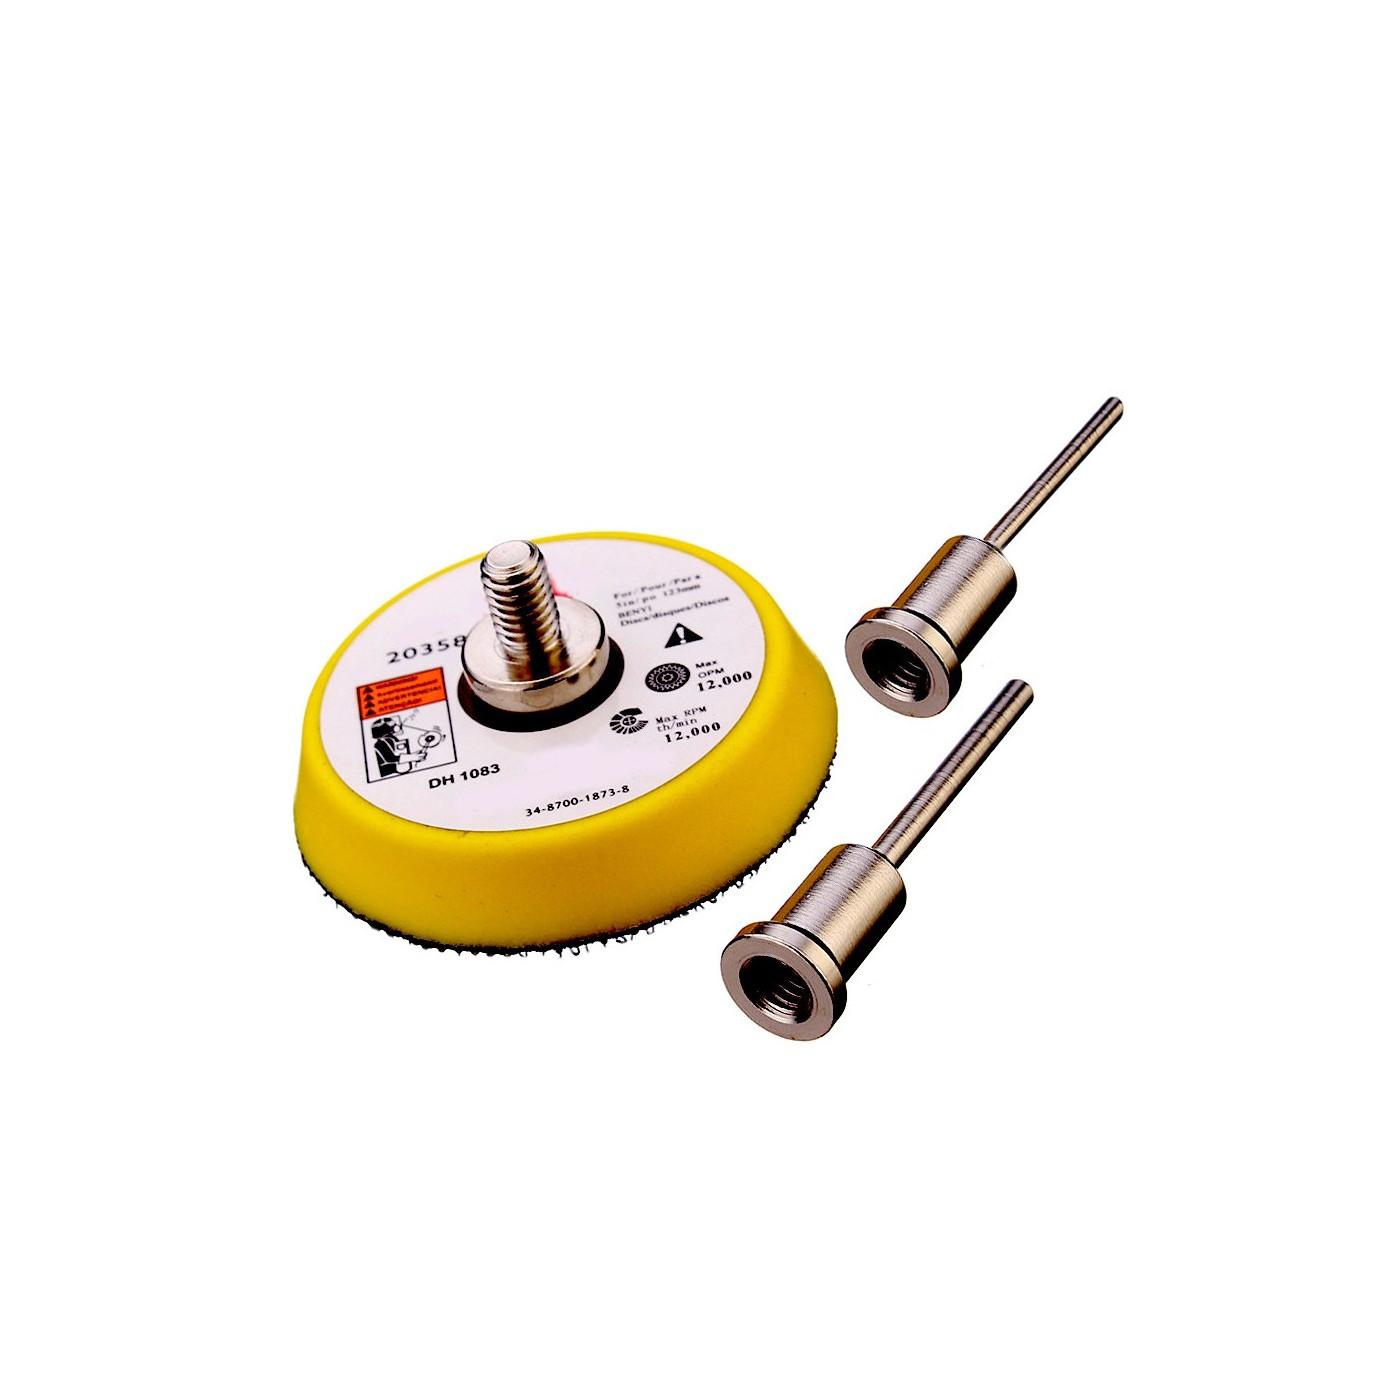 Schuurschijfhouder 50 mm, met 2 adapters (3 en 6 mm)